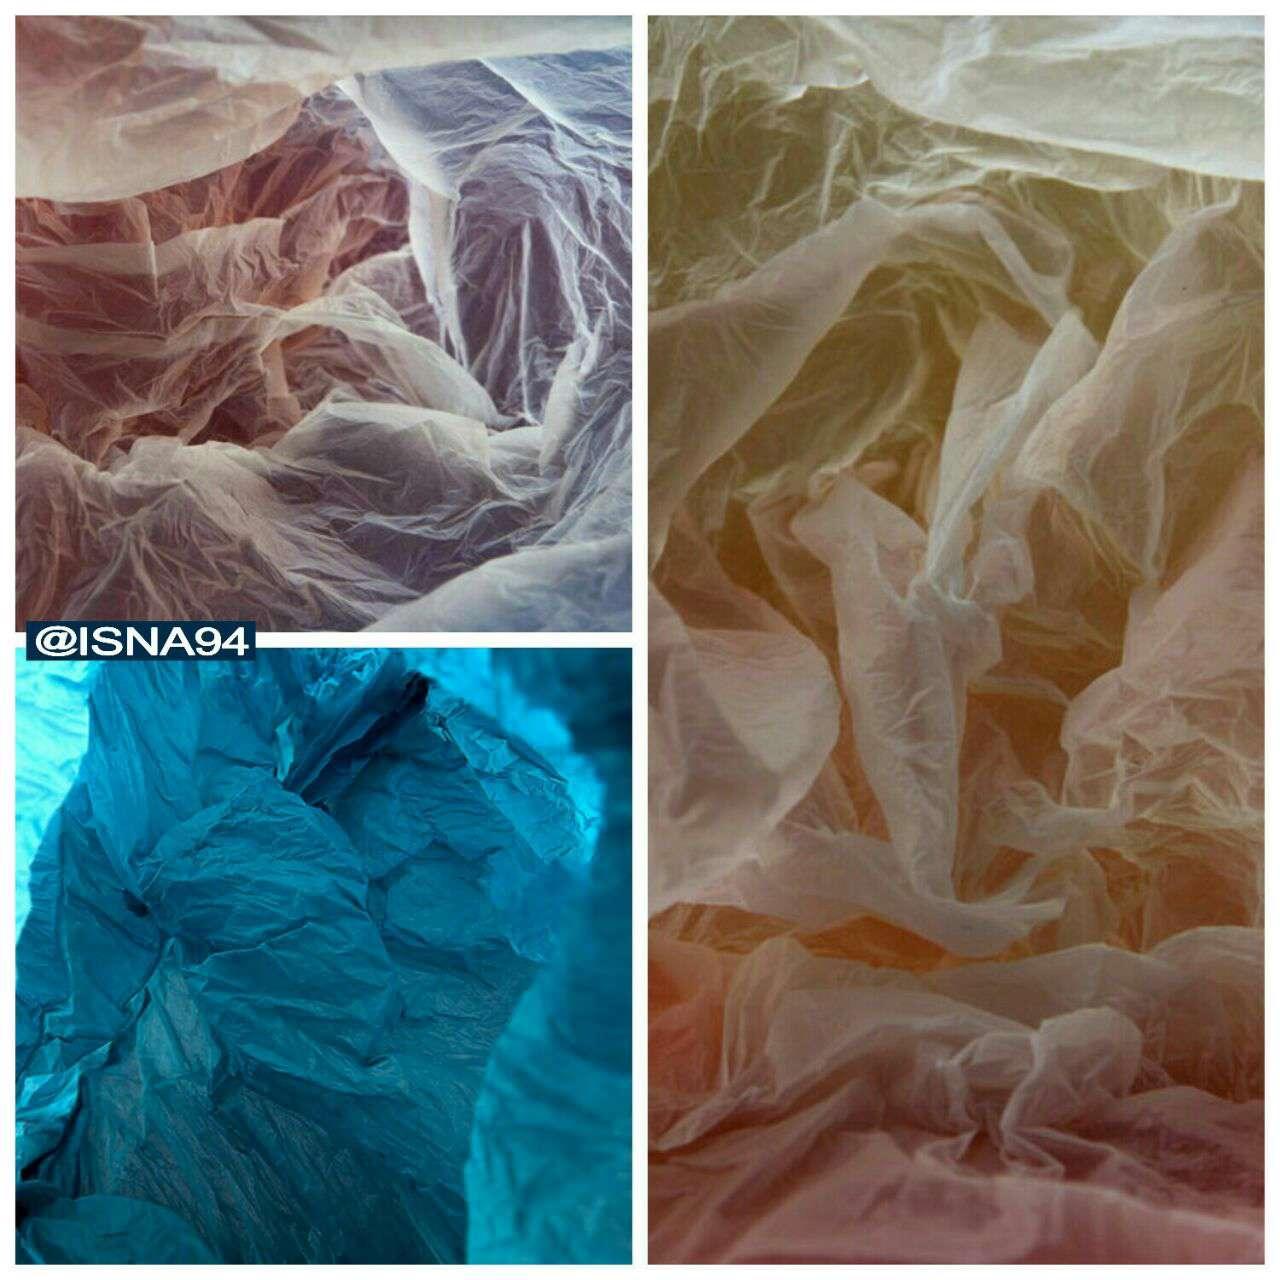 «وایلد رولفسن» هنرمندی است که پروژهای را با عنوان «منظره کیسههای پلاستیکی» عکاسی کرده تا توجه مخاطبان را به ضرری که کیسههای پلاستیکی برای طبیعت دارد، جلب کند